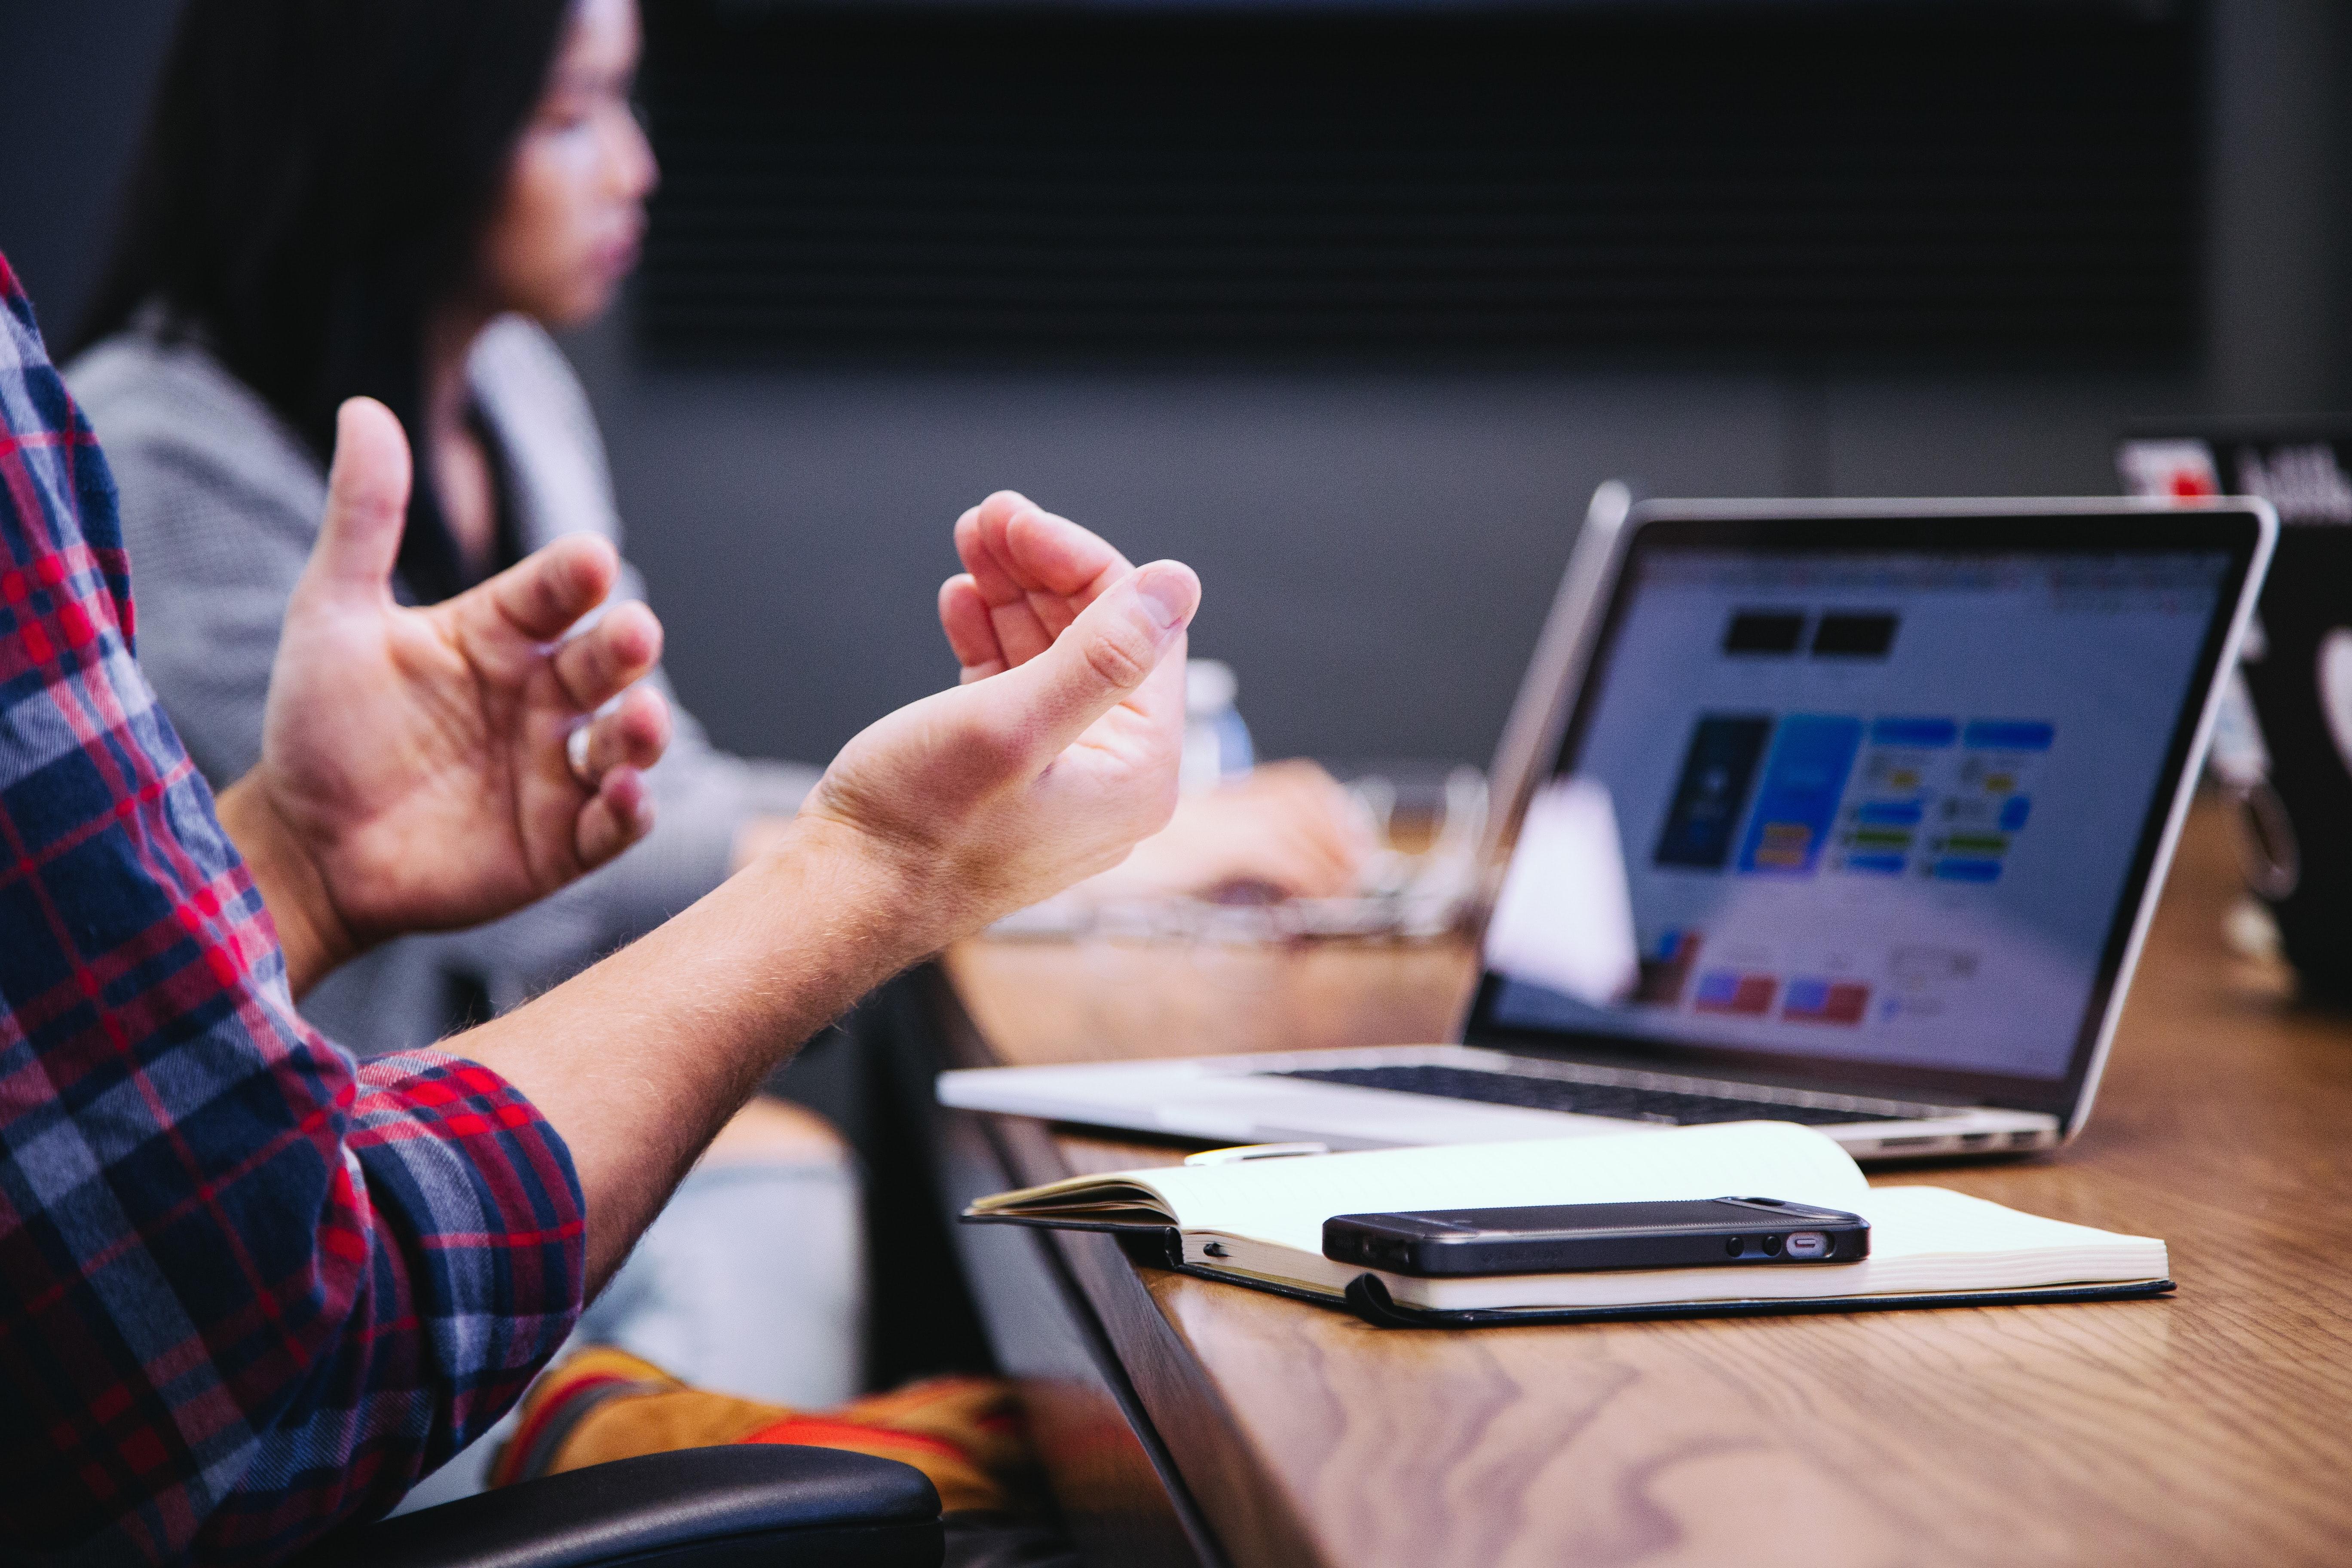 Breakthrough Innovation vs. Disruptive Innovation